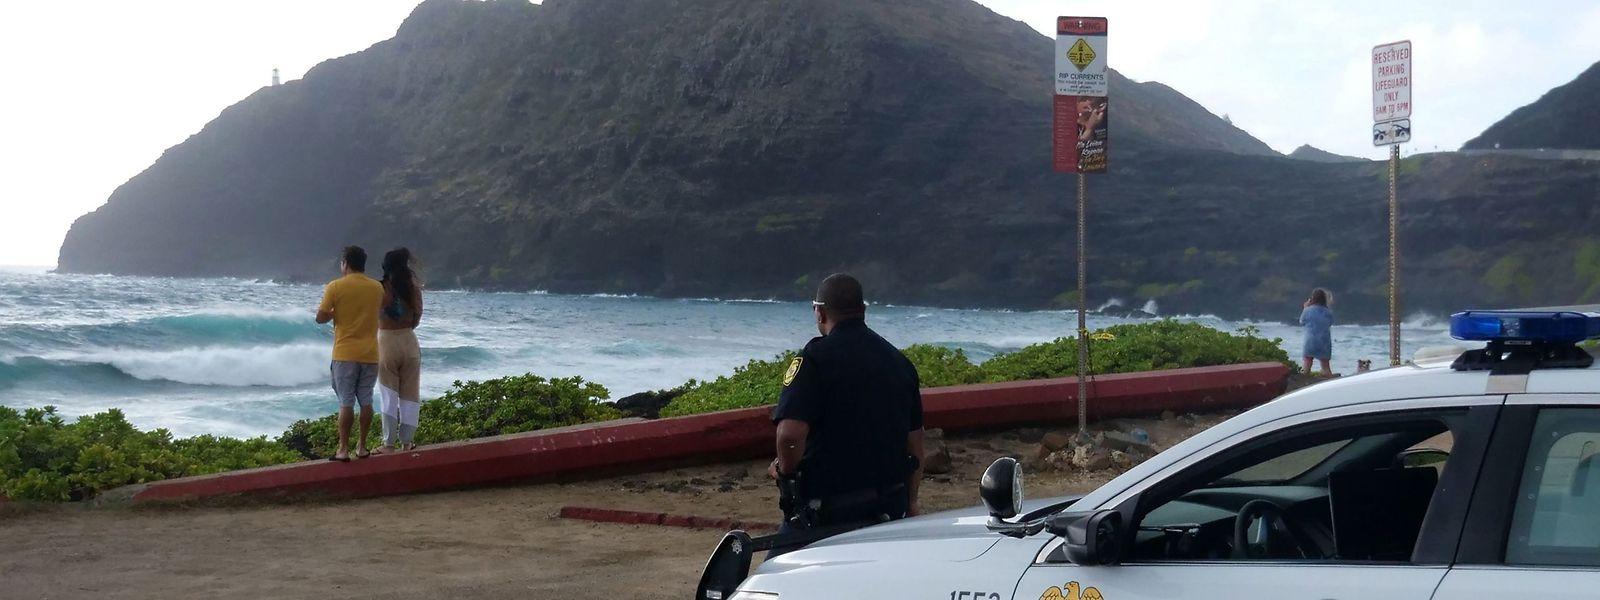 Ruhe vor dem Sturm: Die Polizei sperrt am Sonntag einen Strand in Honolulu.